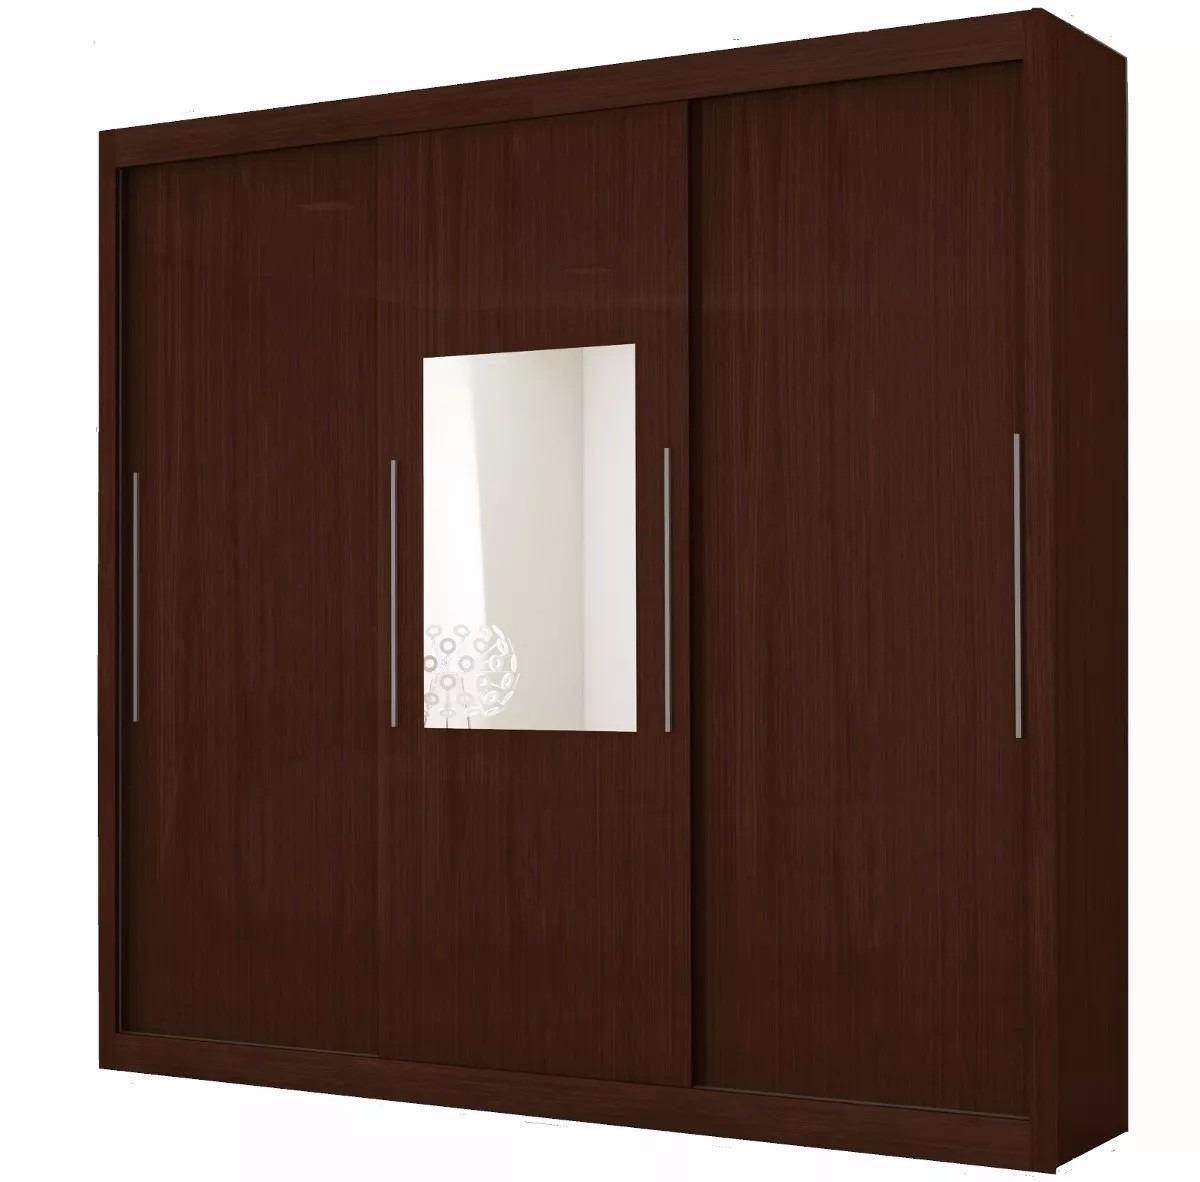 Ropero roperos placar muebles 3 puertas corredizas 10 - Muebles roperos ...